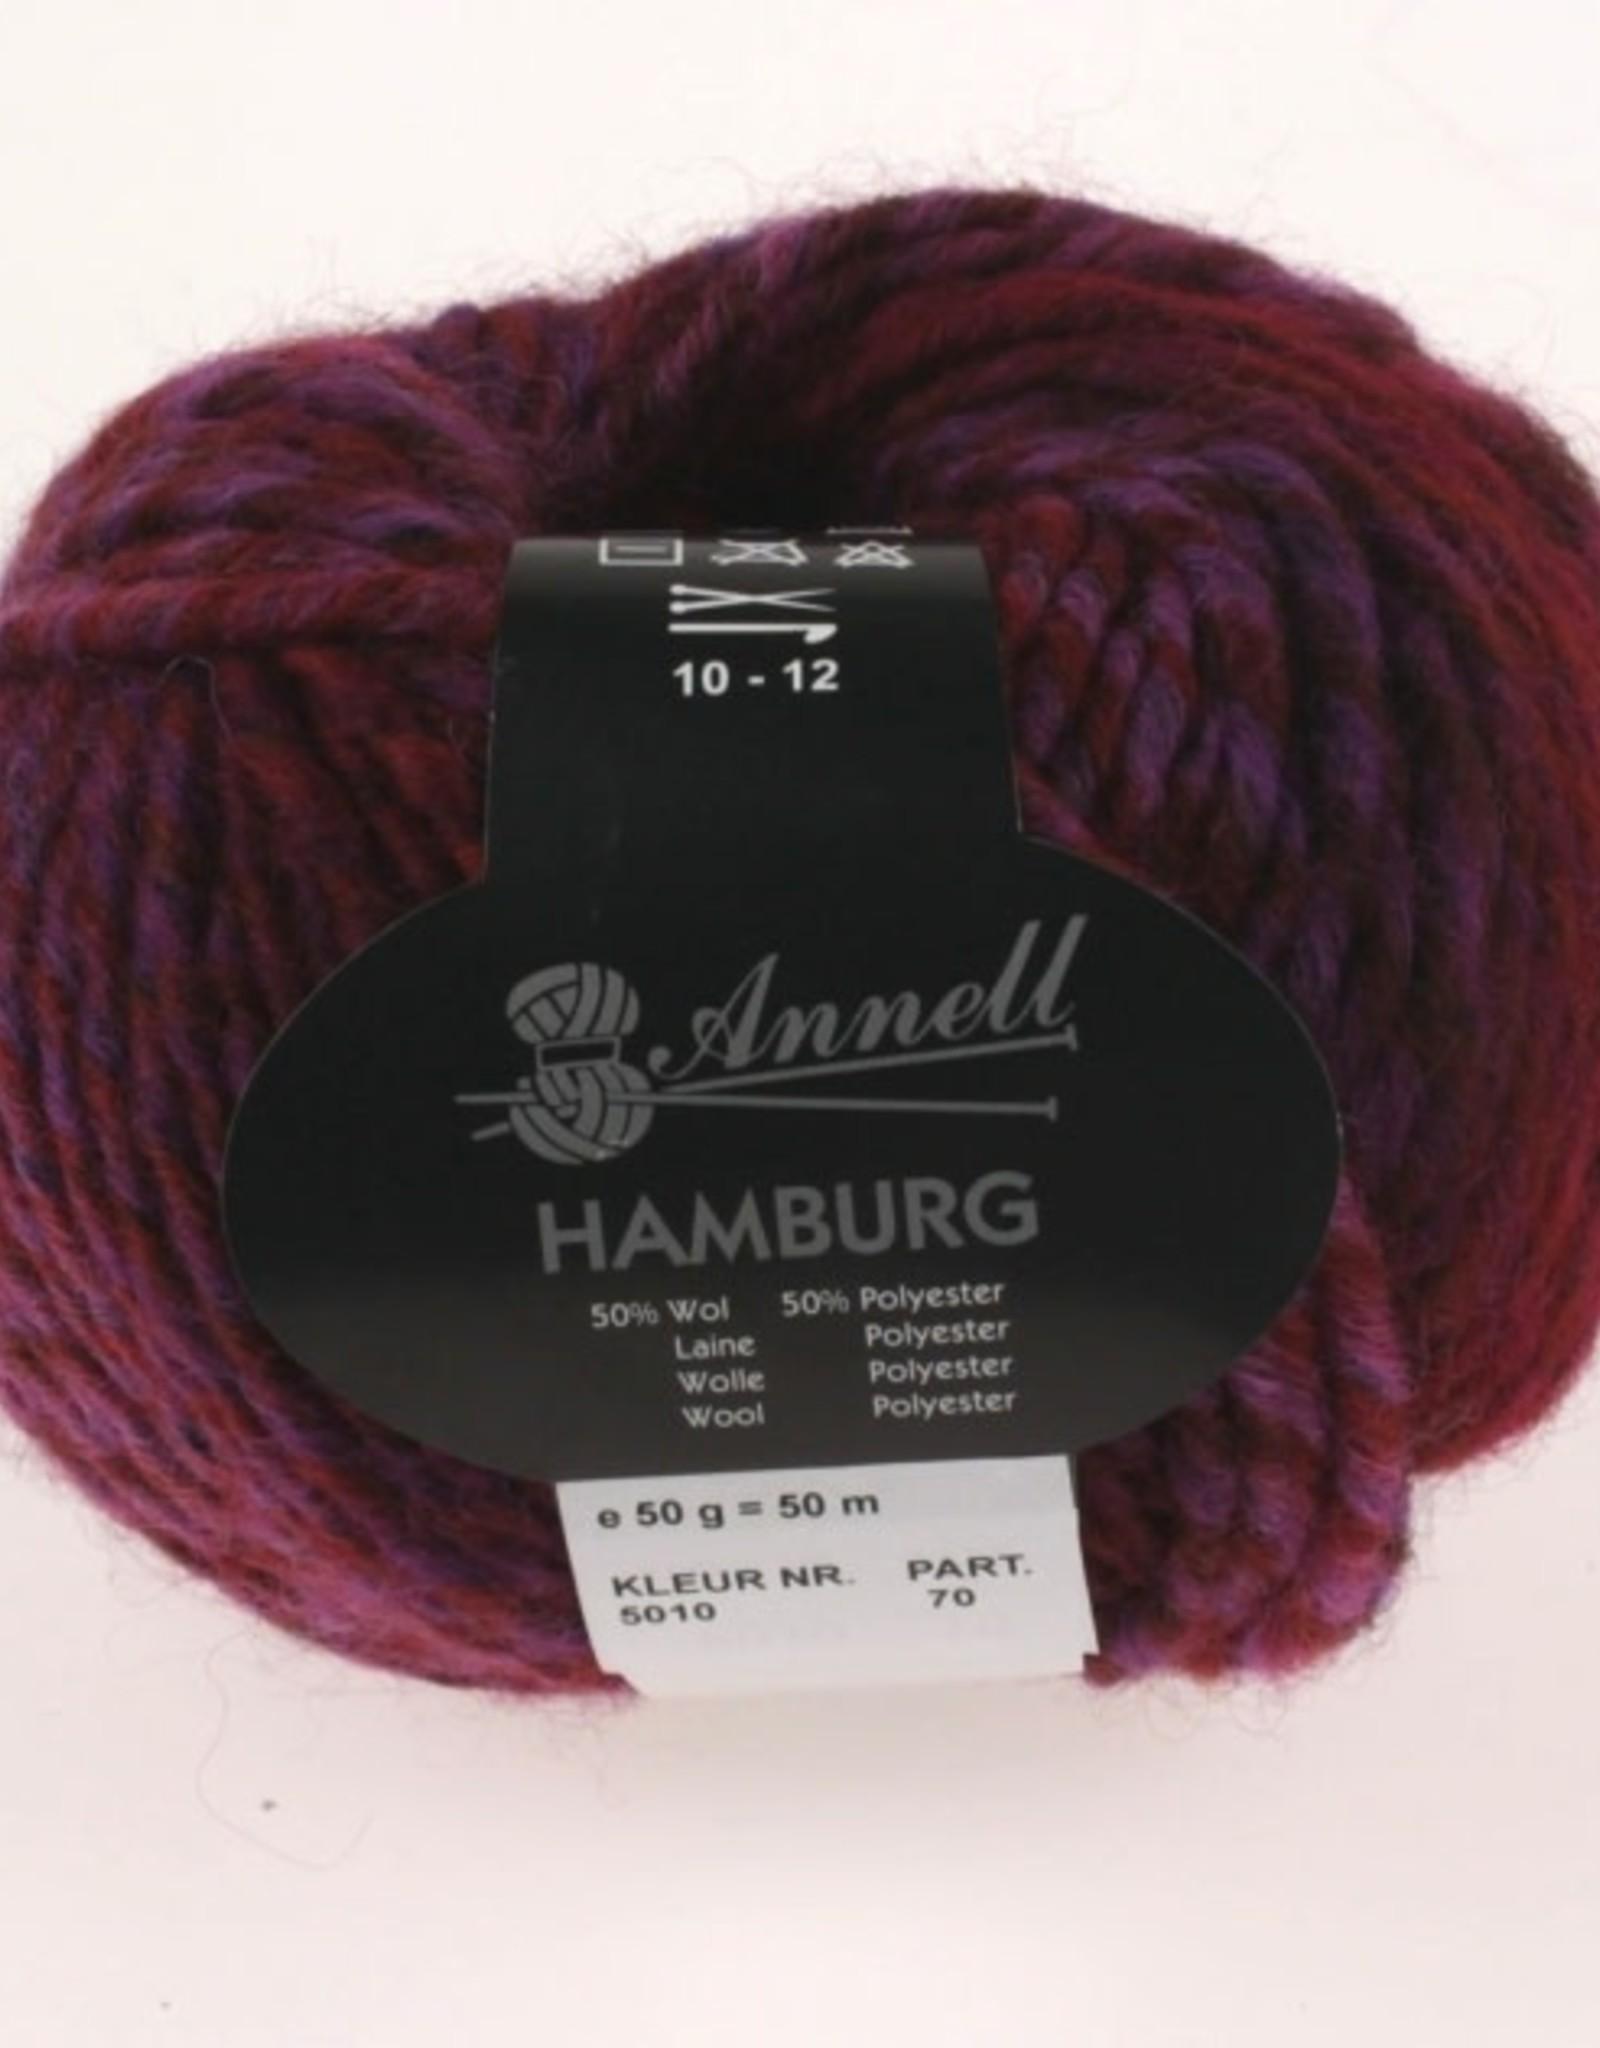 Annell Annell Hamburg 5010